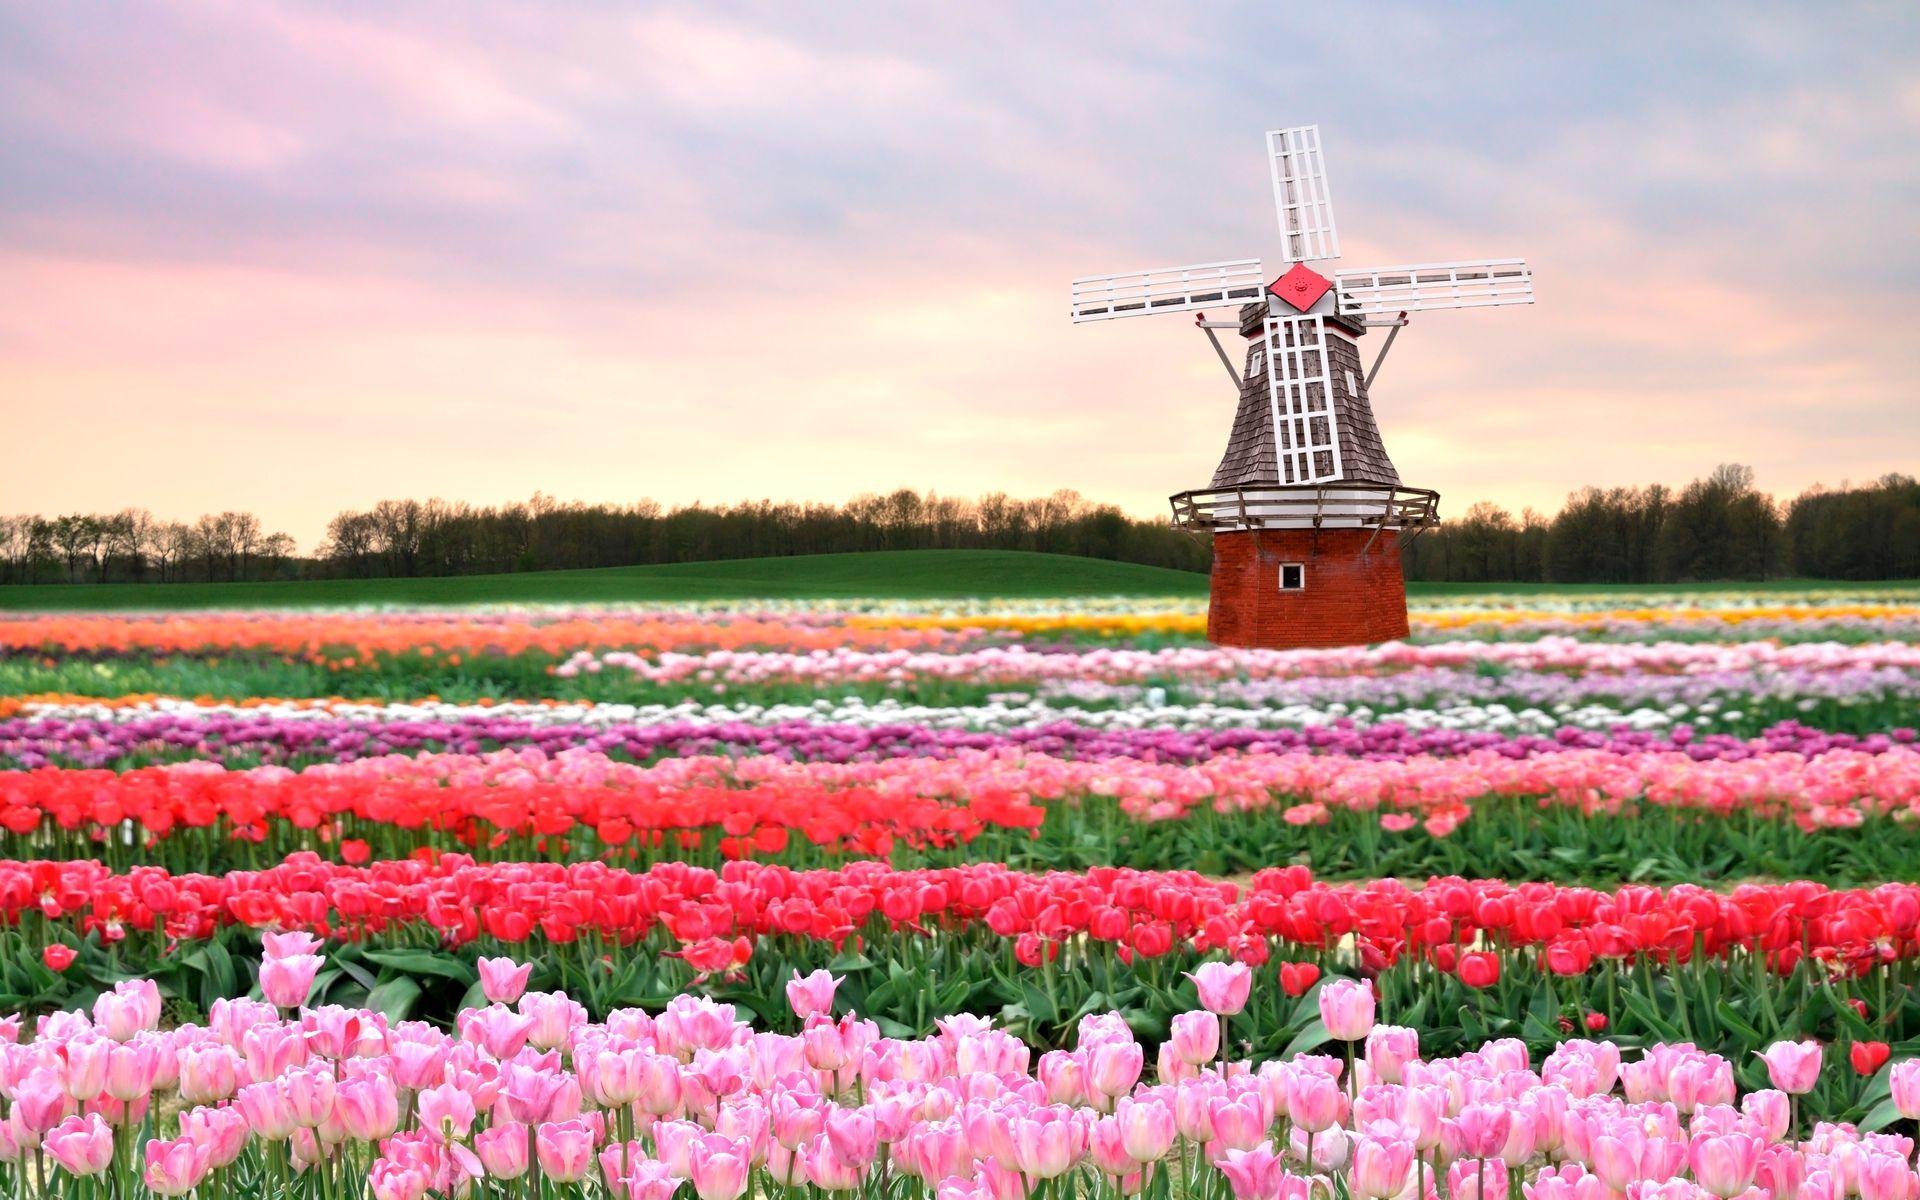 Field Tulips Mill Tulip Fields Netherlands Tulip Fields Pink Spring Flowers